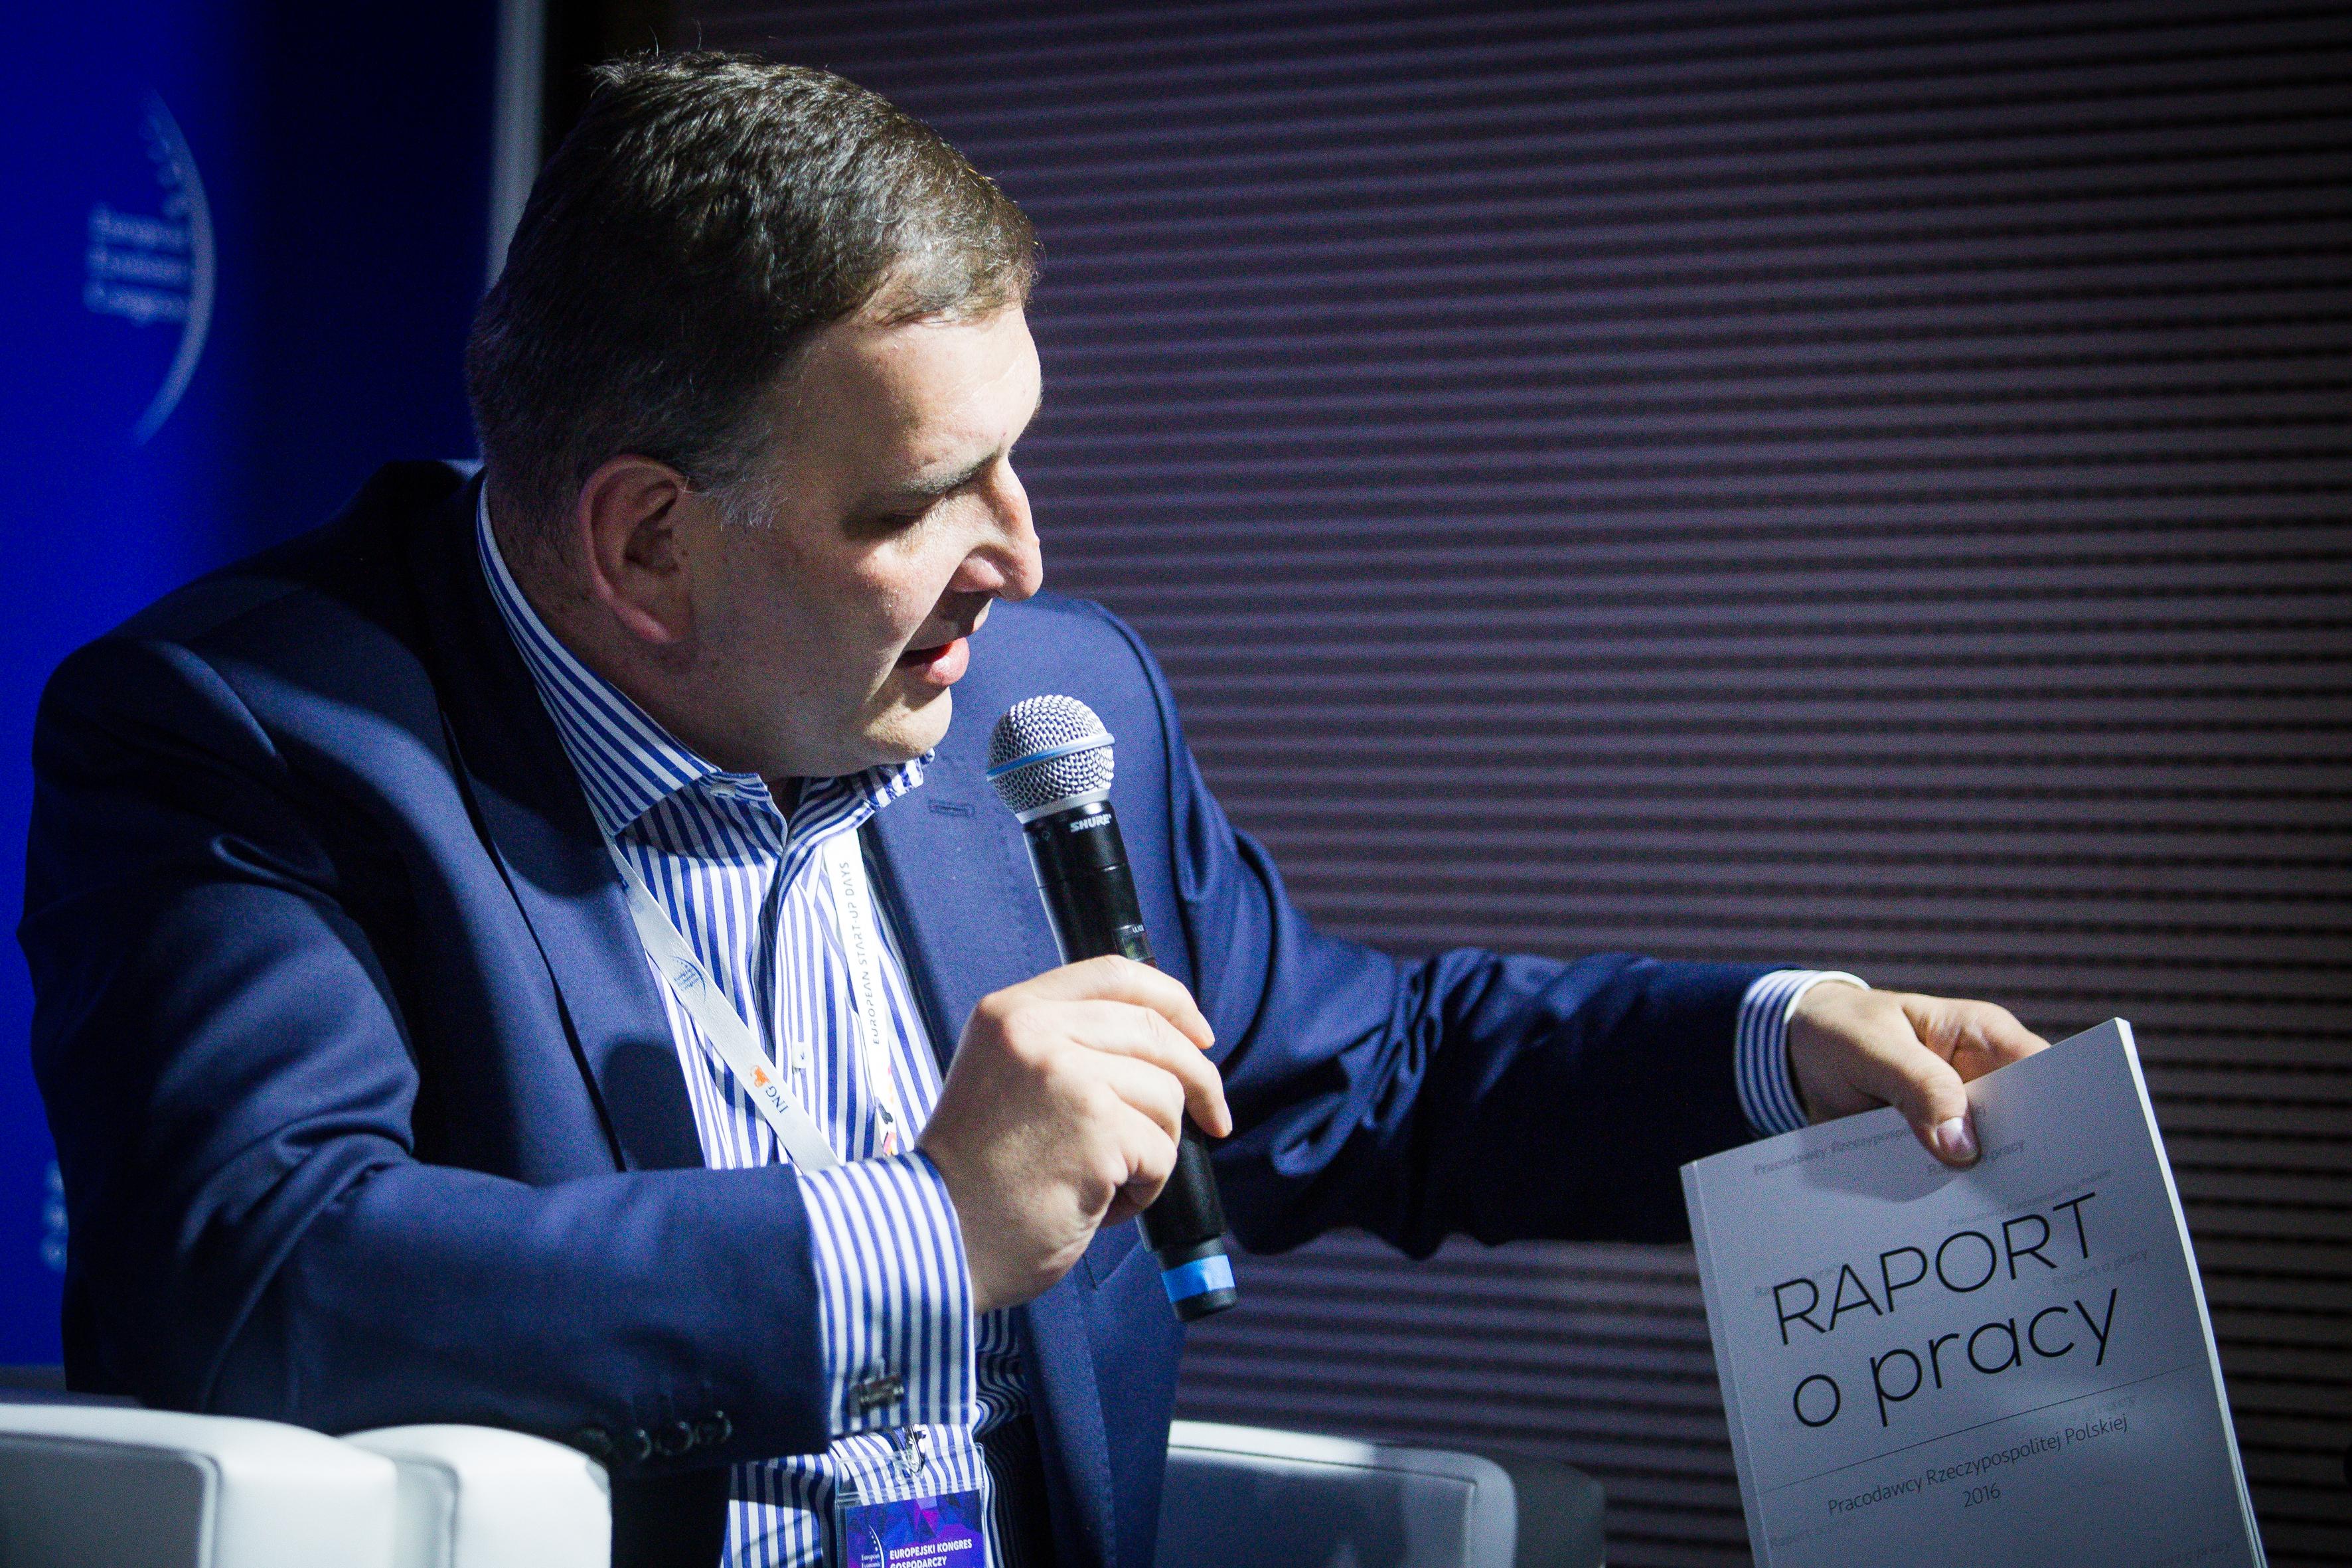 Dzisiaj można kupić każdą maszynę czy sprzęt, ale czynnik ludzki jest czymś, co decyduje o kondycji firmy oraz daje jej przewagę nad konkurentami – podkreśla Rafał Baniak, wiceprezydent Pracodawców RP.